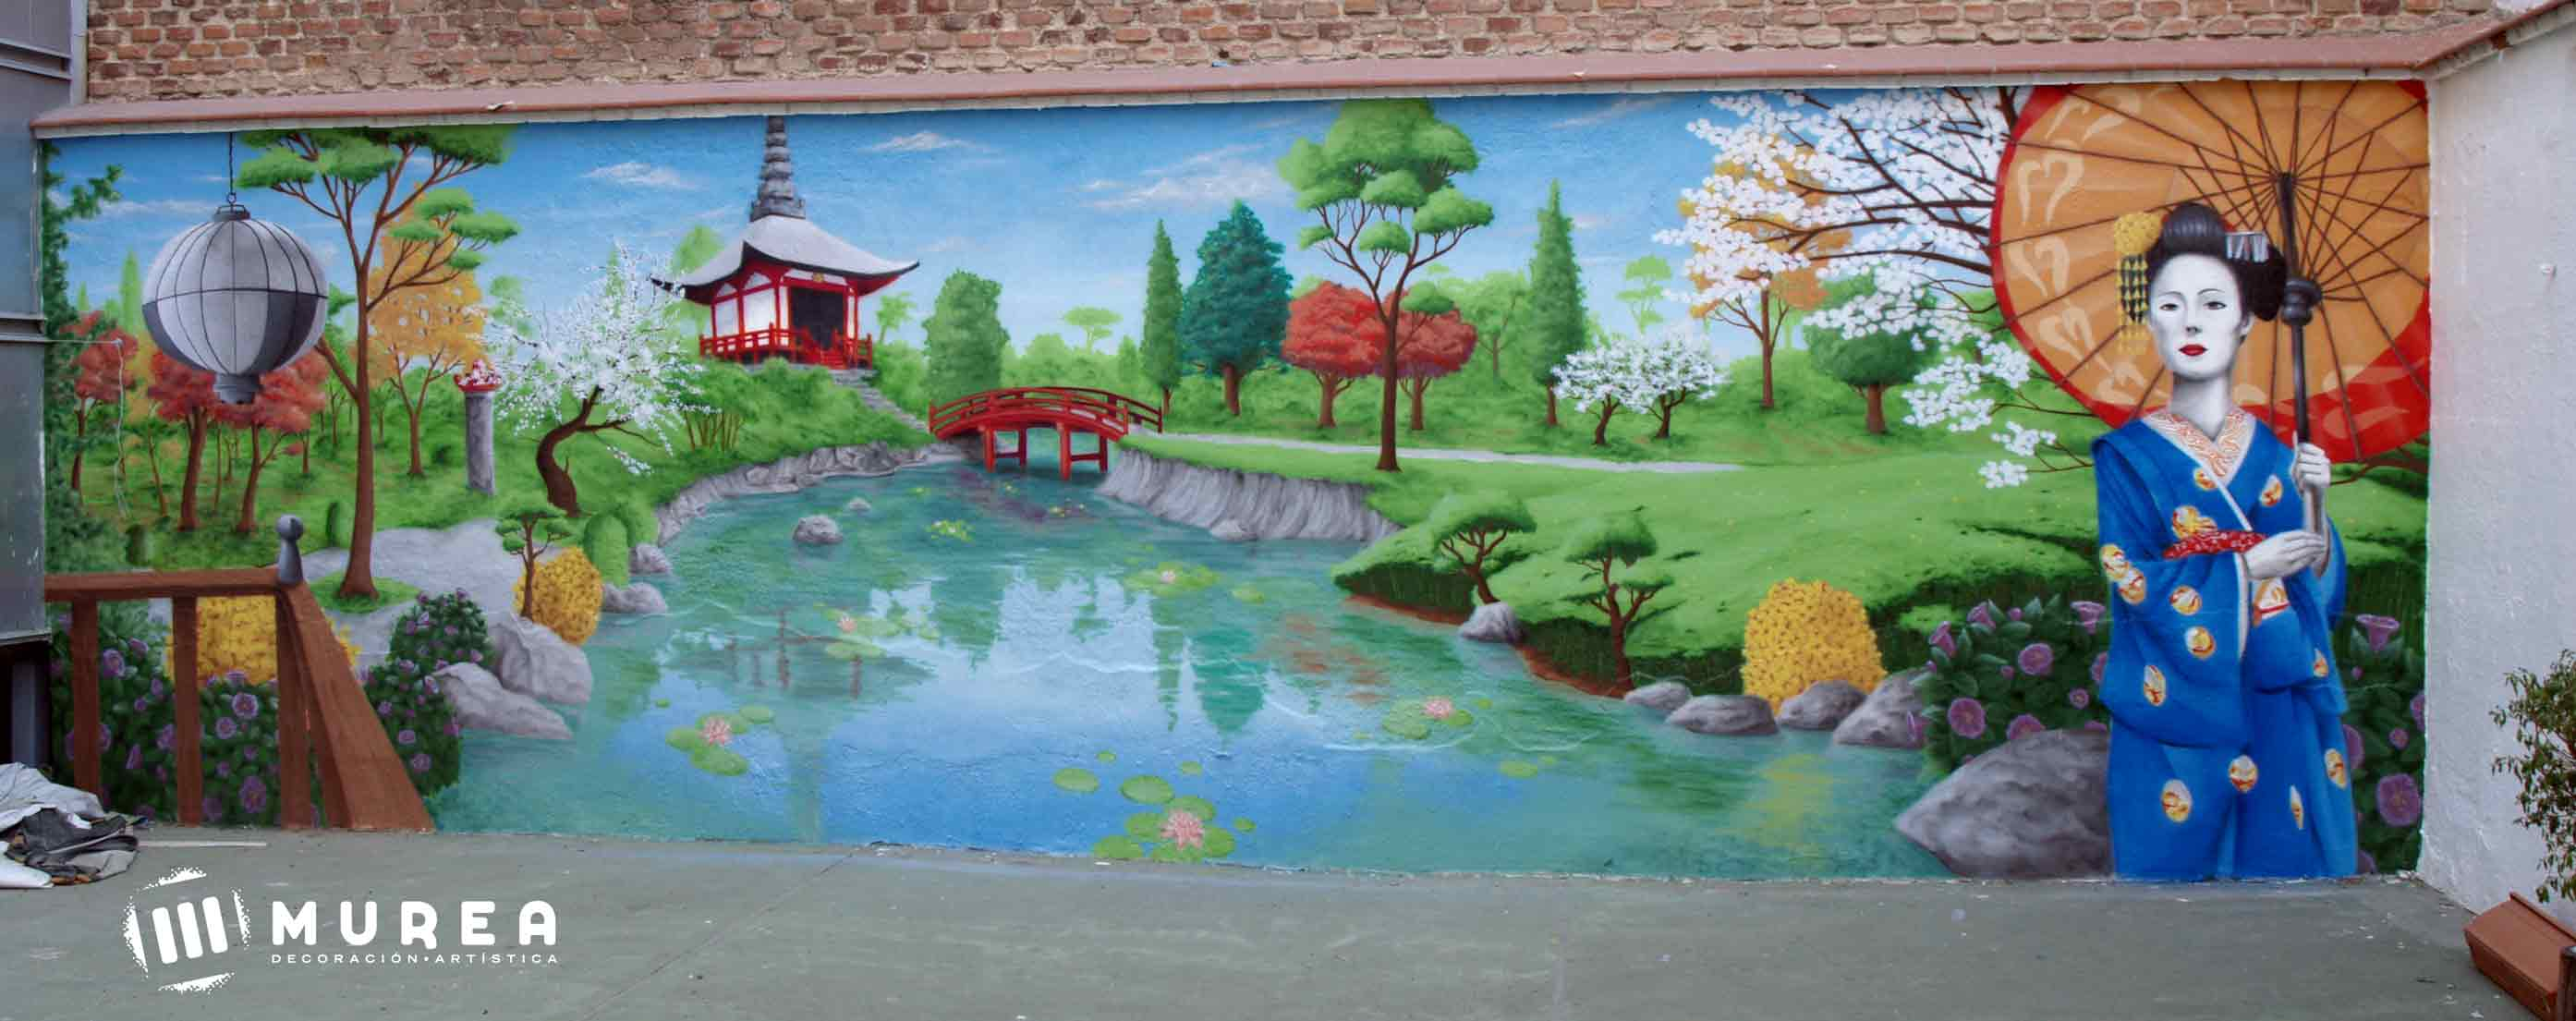 Murales decorativos y exteriores Murales decorativos para exteriores